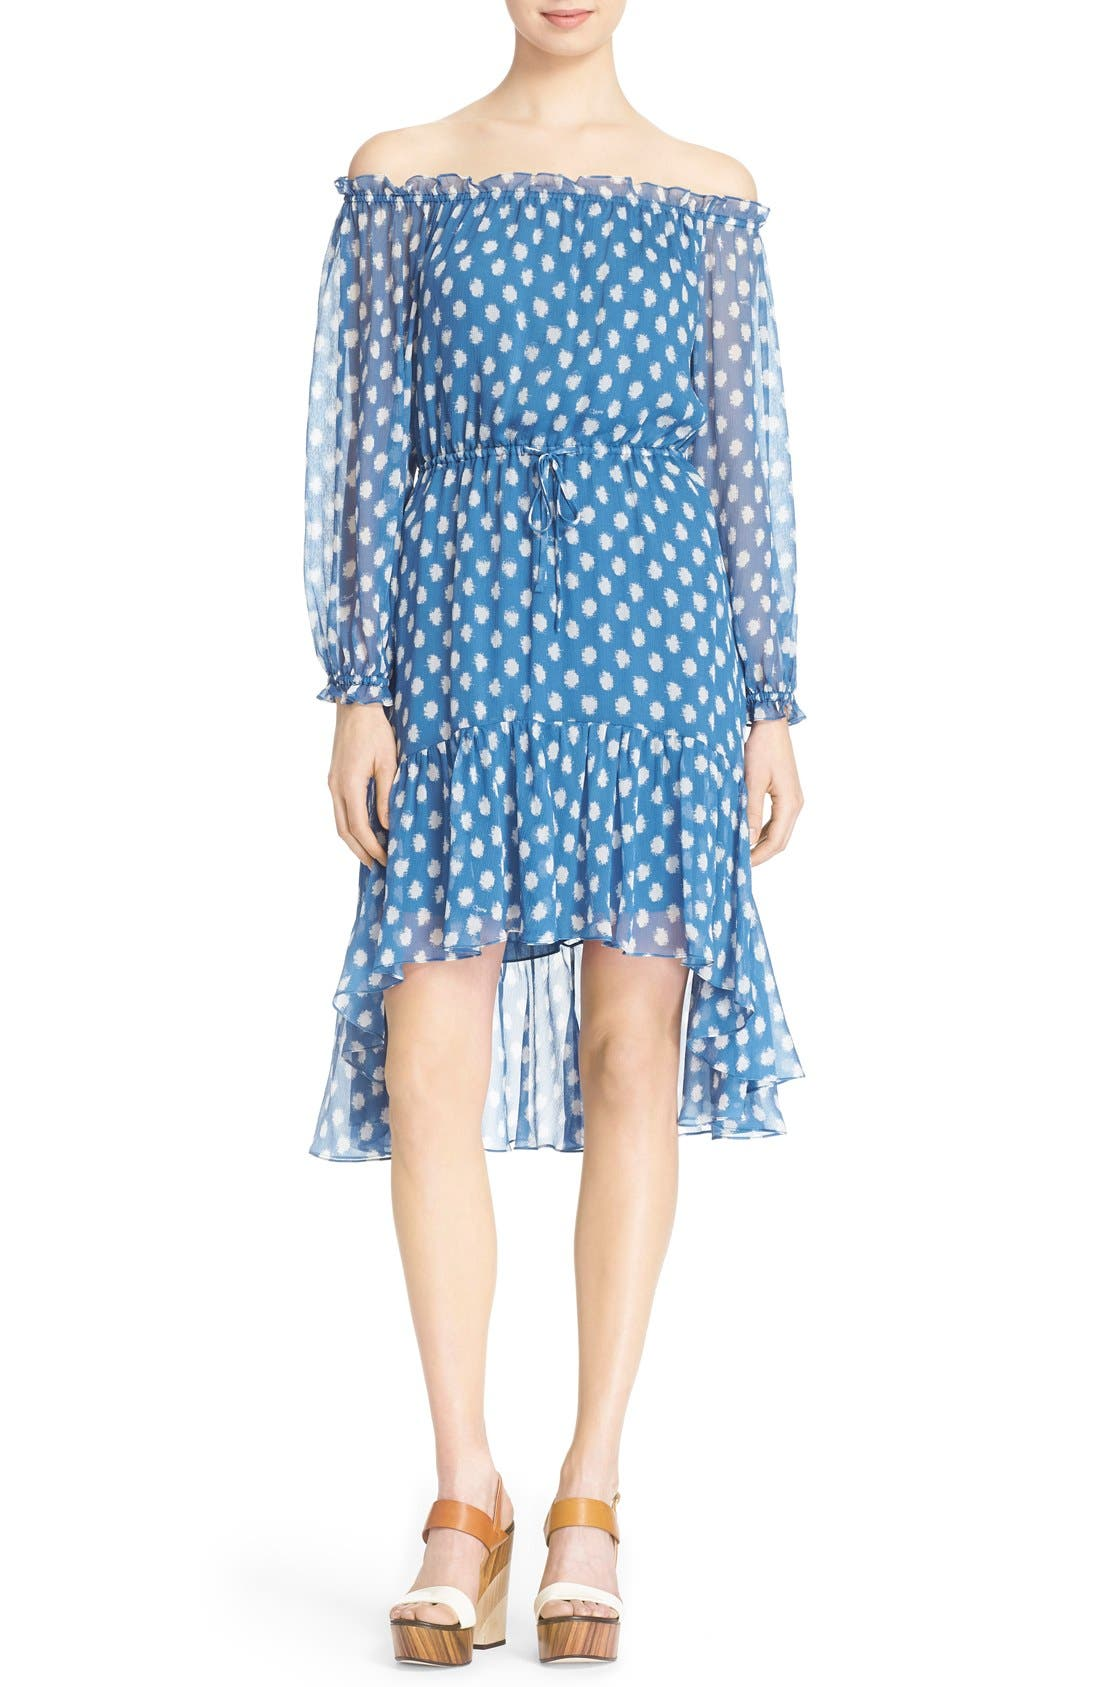 Alternate Image 1 Selected - Diane von Furstenberg 'Camila Two' Off the Shoulder Polka Dot Silk Dress